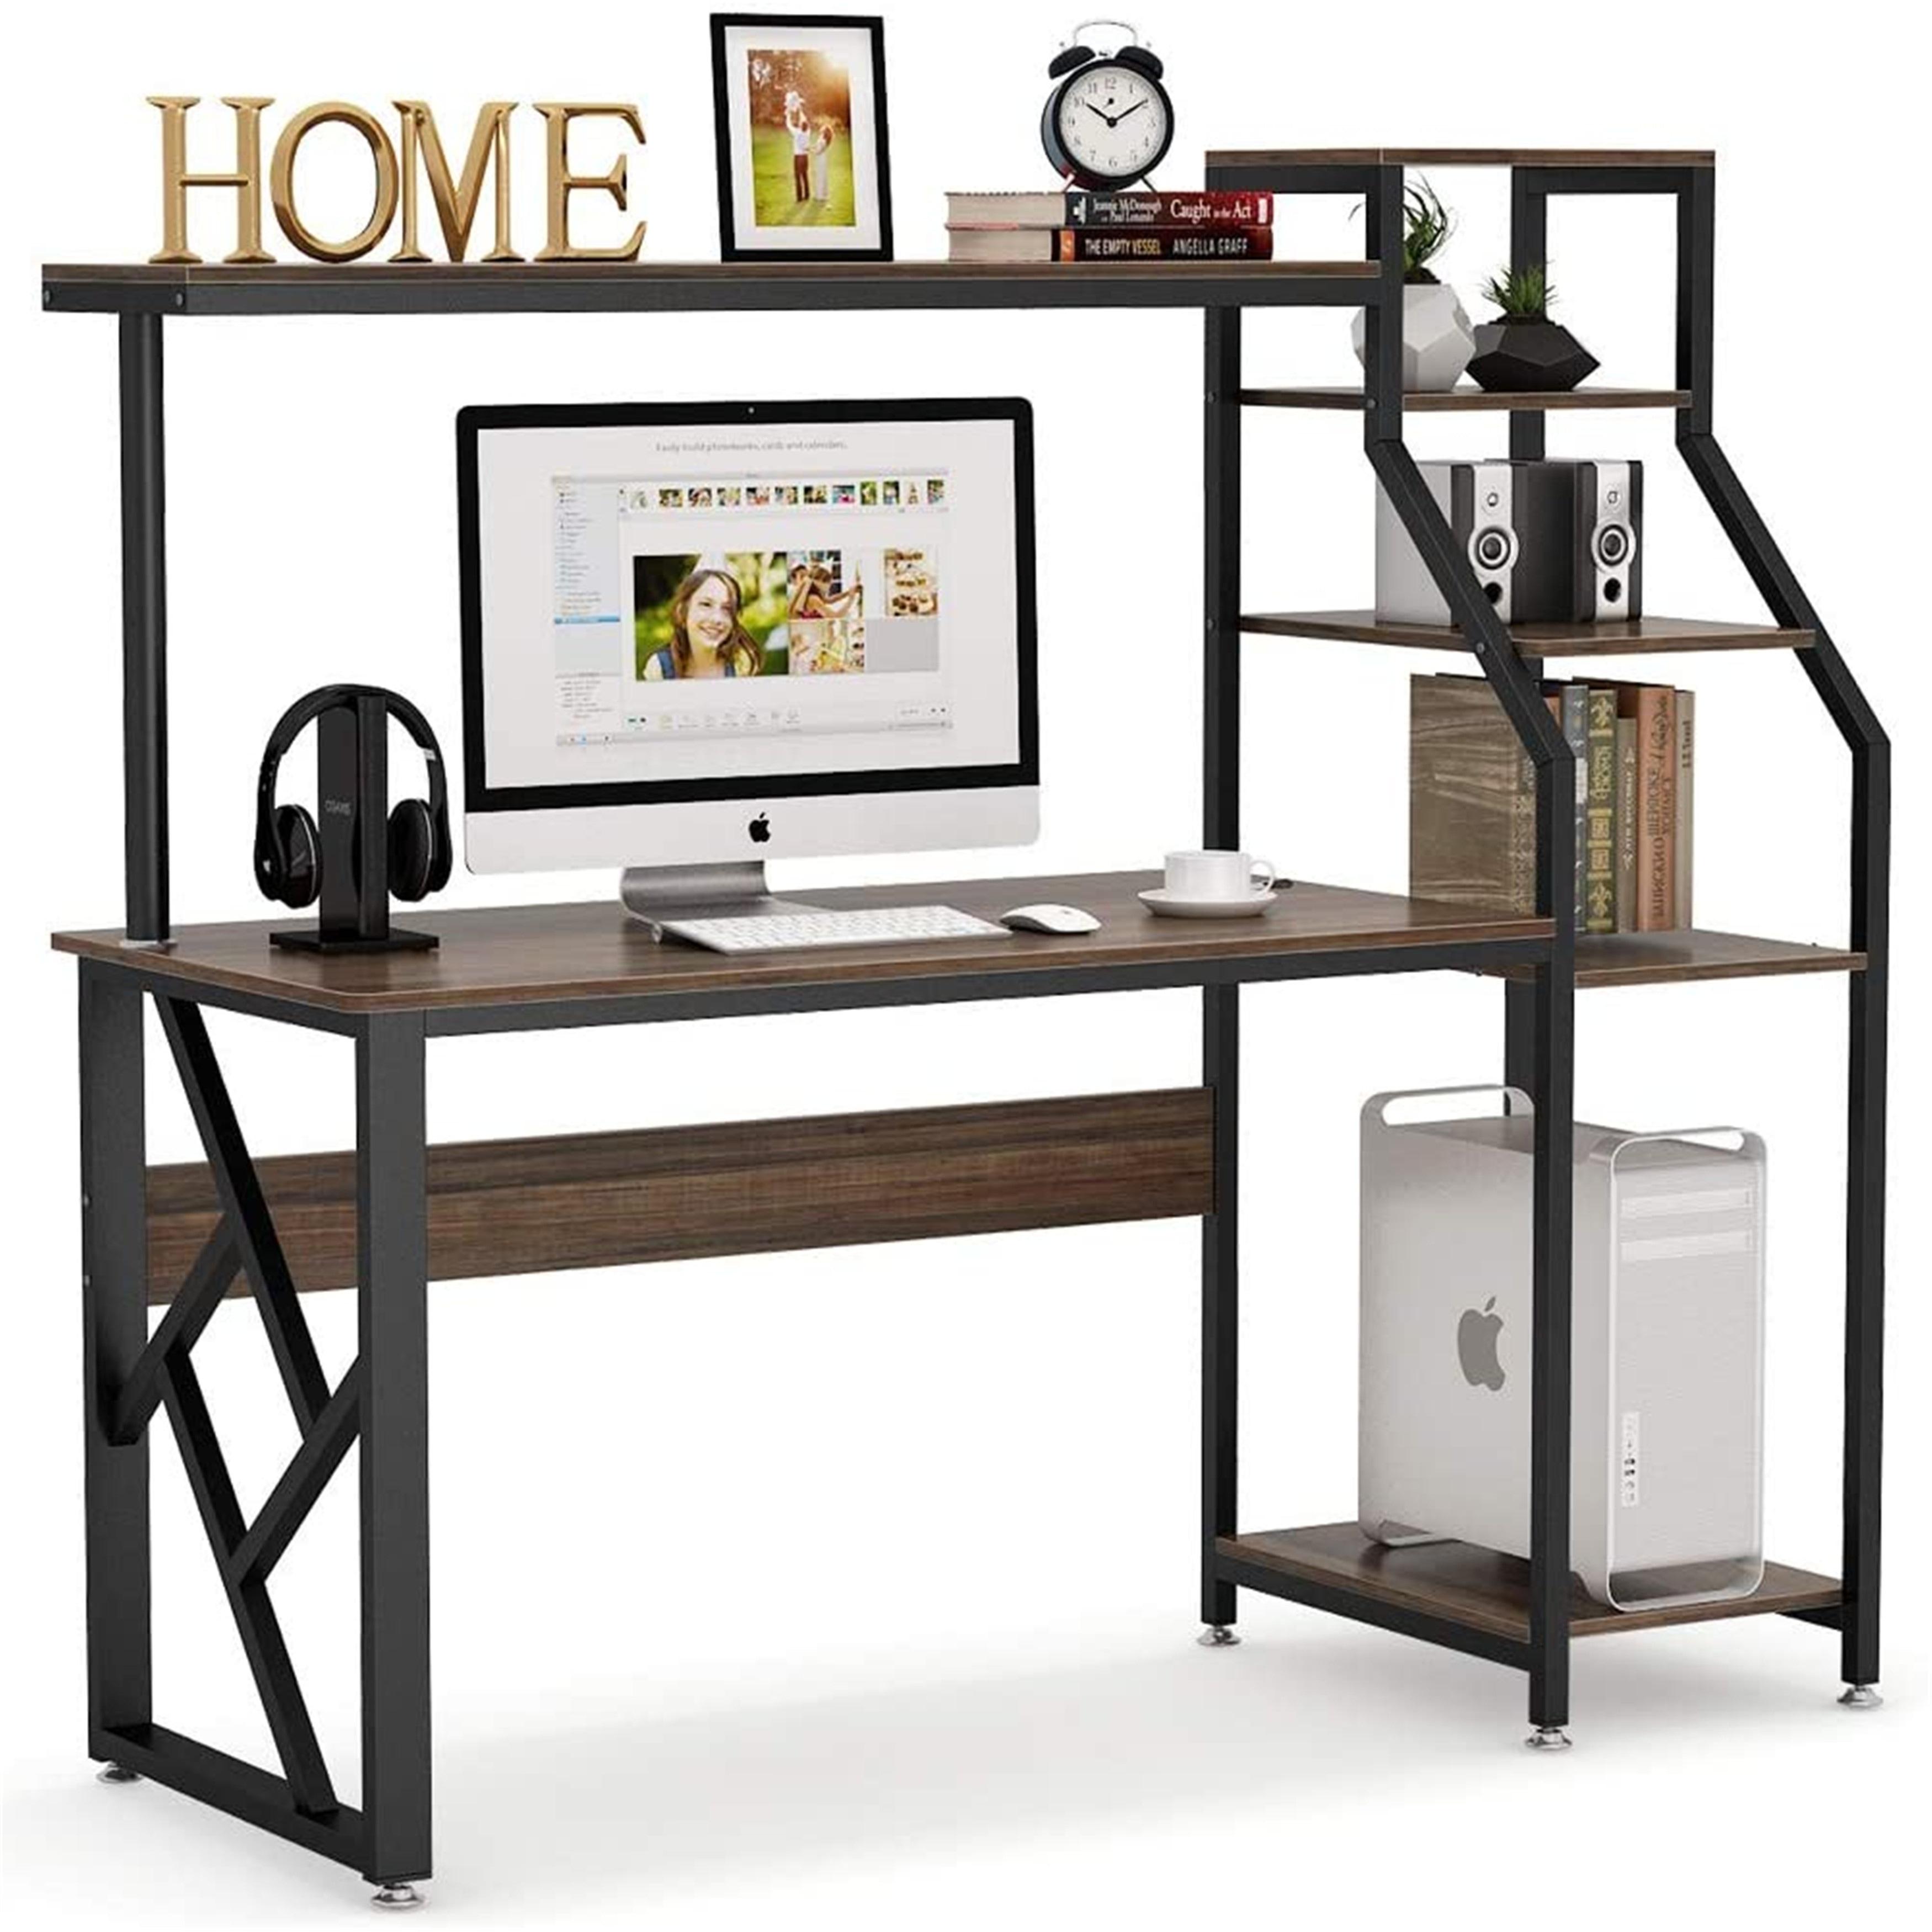 Computer Desk With 4 Tier Storage Shelves Workstation Desk On Sale Overstock 30531678 Brown